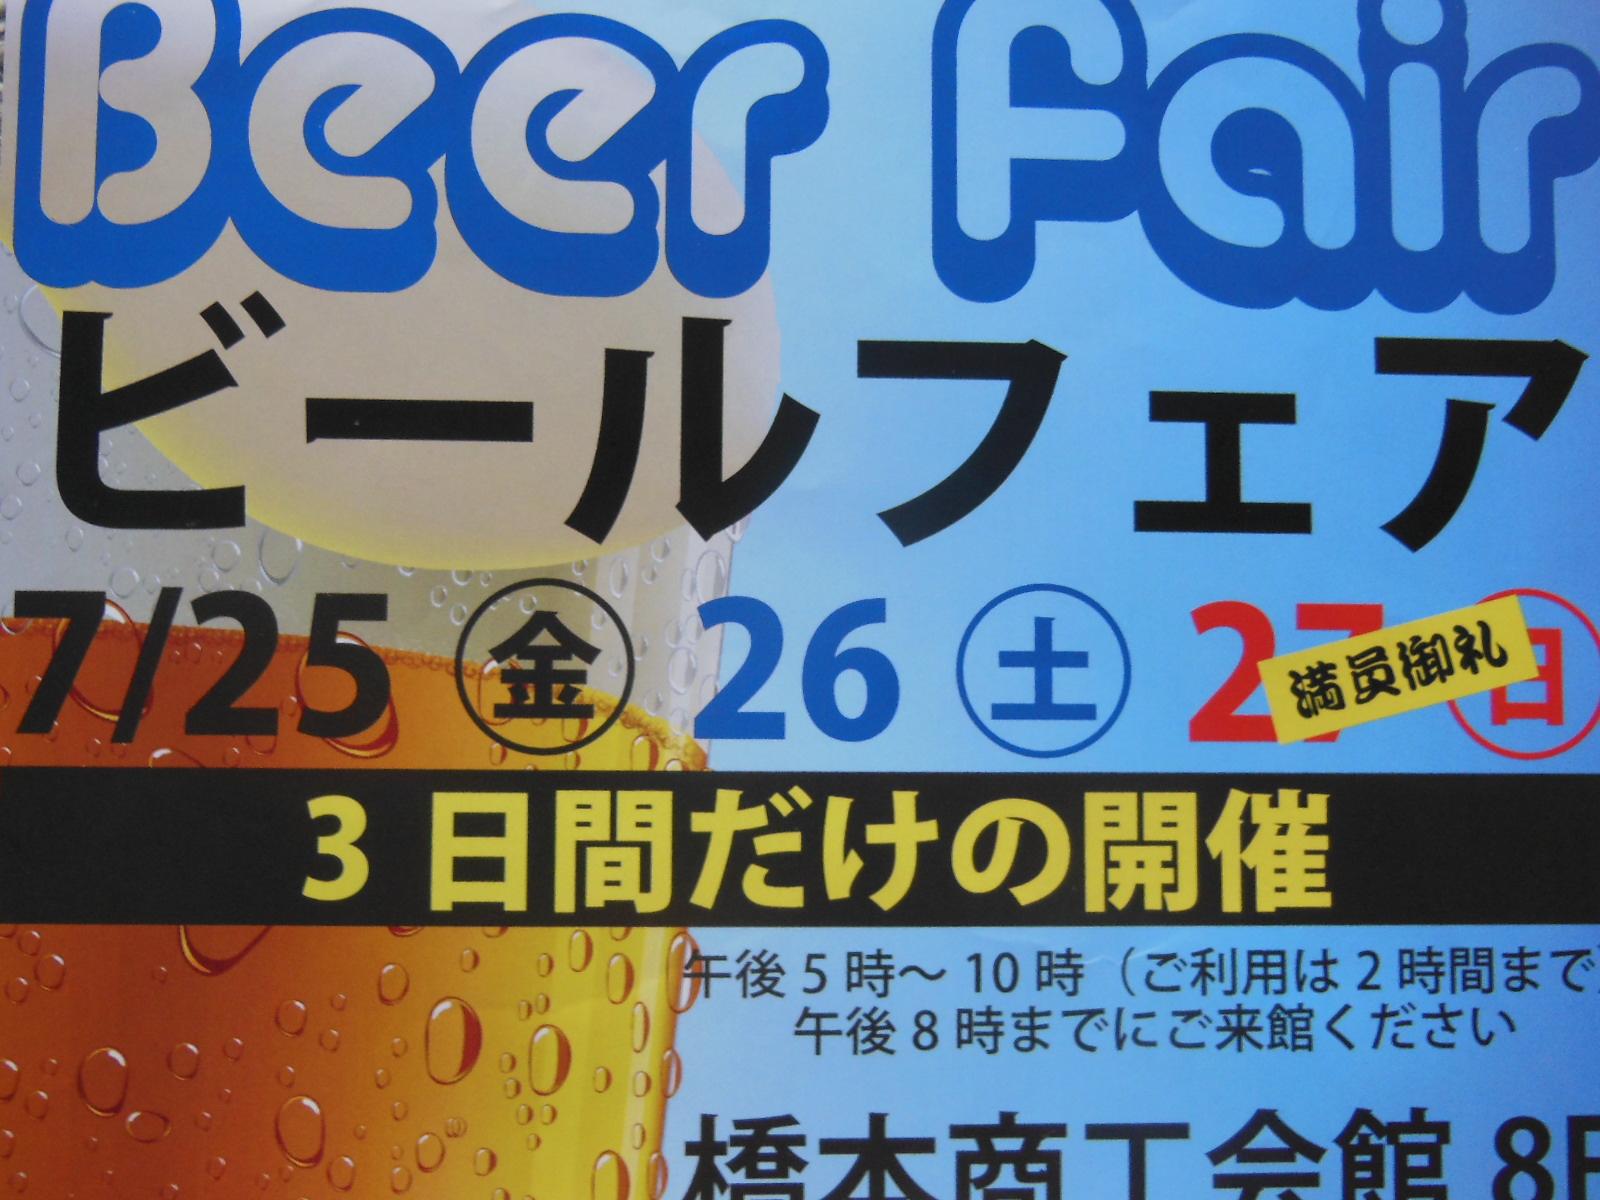 <お知らせ>3日間限定・ビールフェア=橋本商工会館